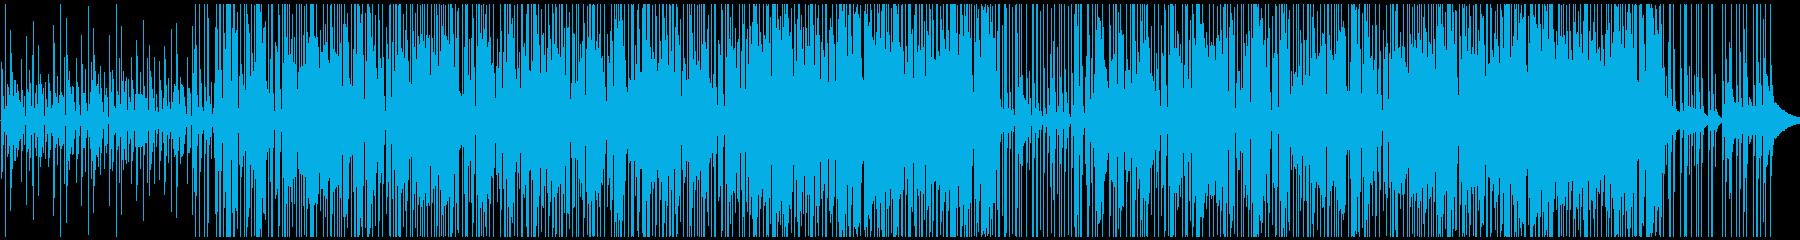 ギター 無し お調子者 ファンクブルースの再生済みの波形